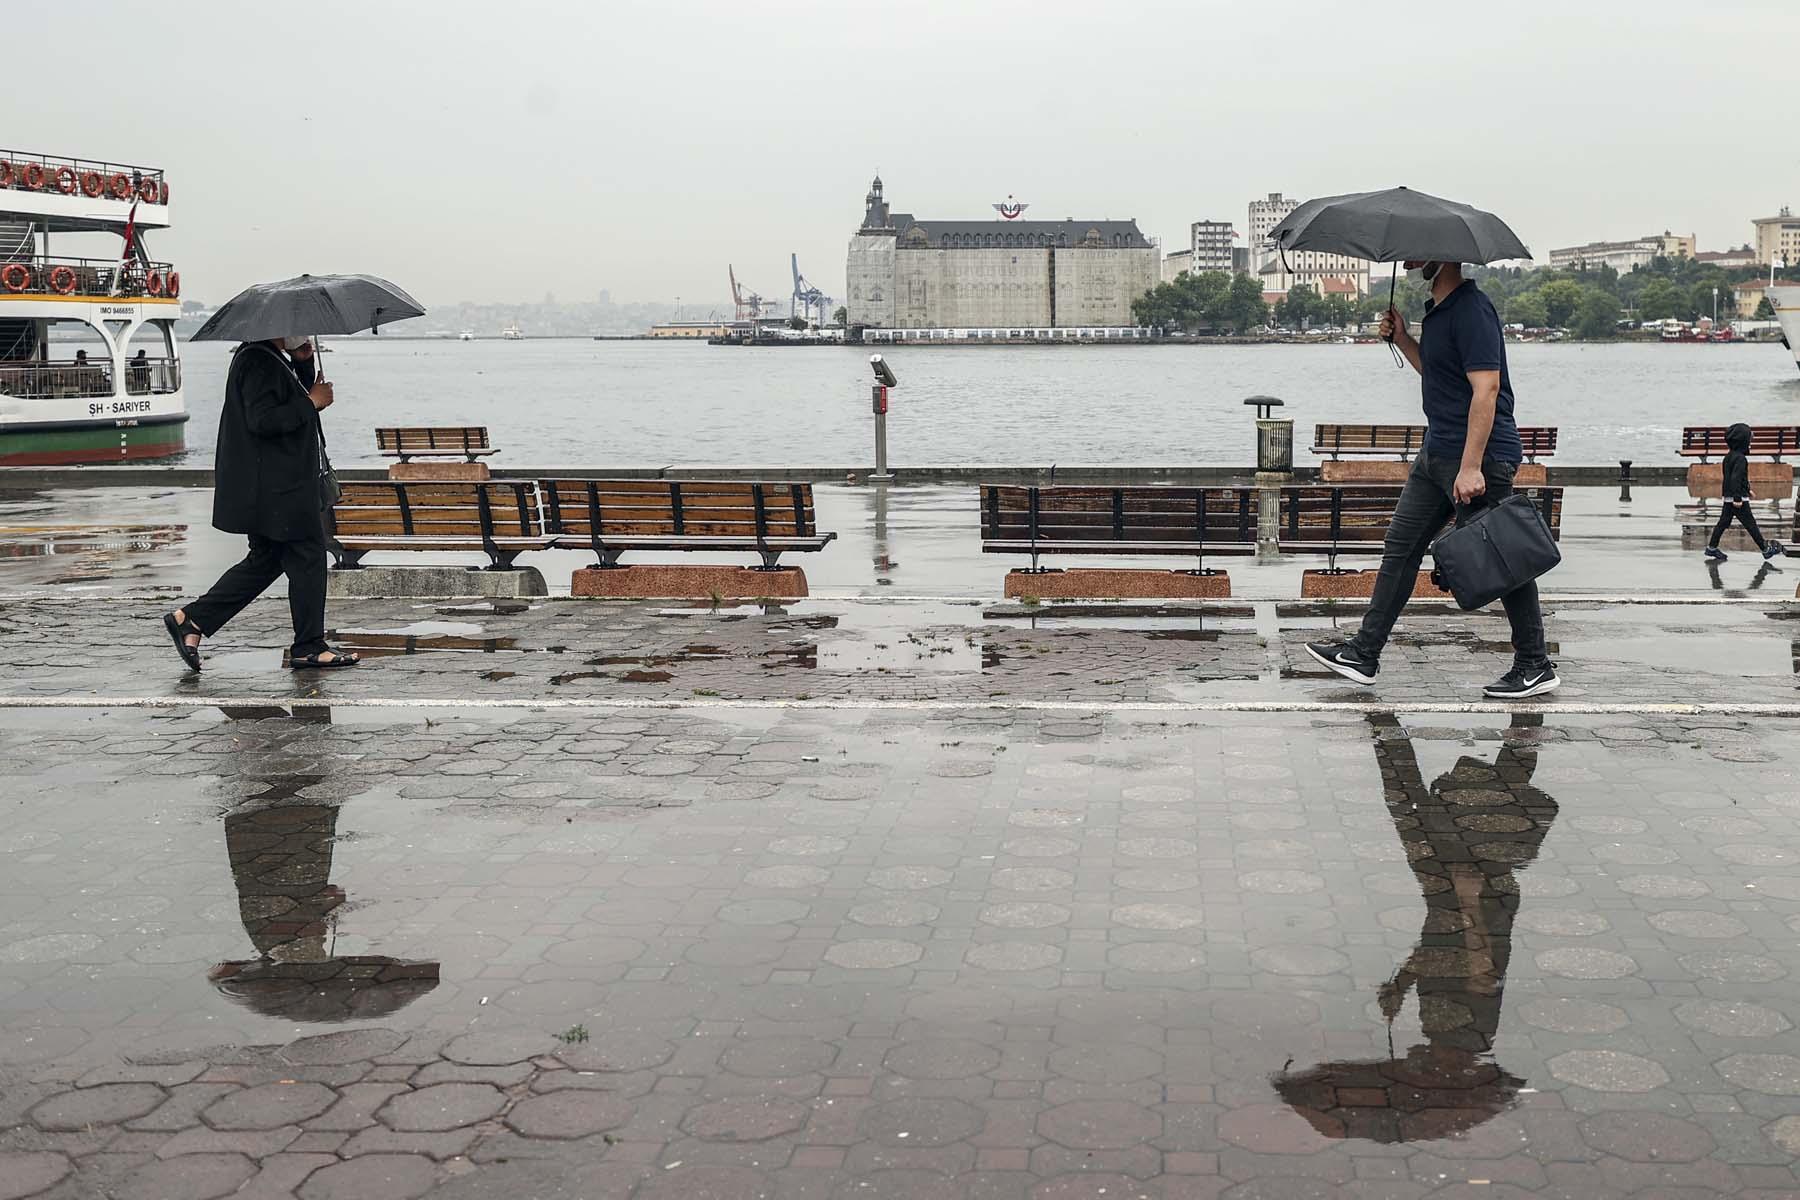 Son dakika | AKOM'dan uyarı üstüne uyarı! Sağanak yağışlar İstanbul'u fena vuracak: Sel, su baskını ve kuvvetli rüzgara dikkat!